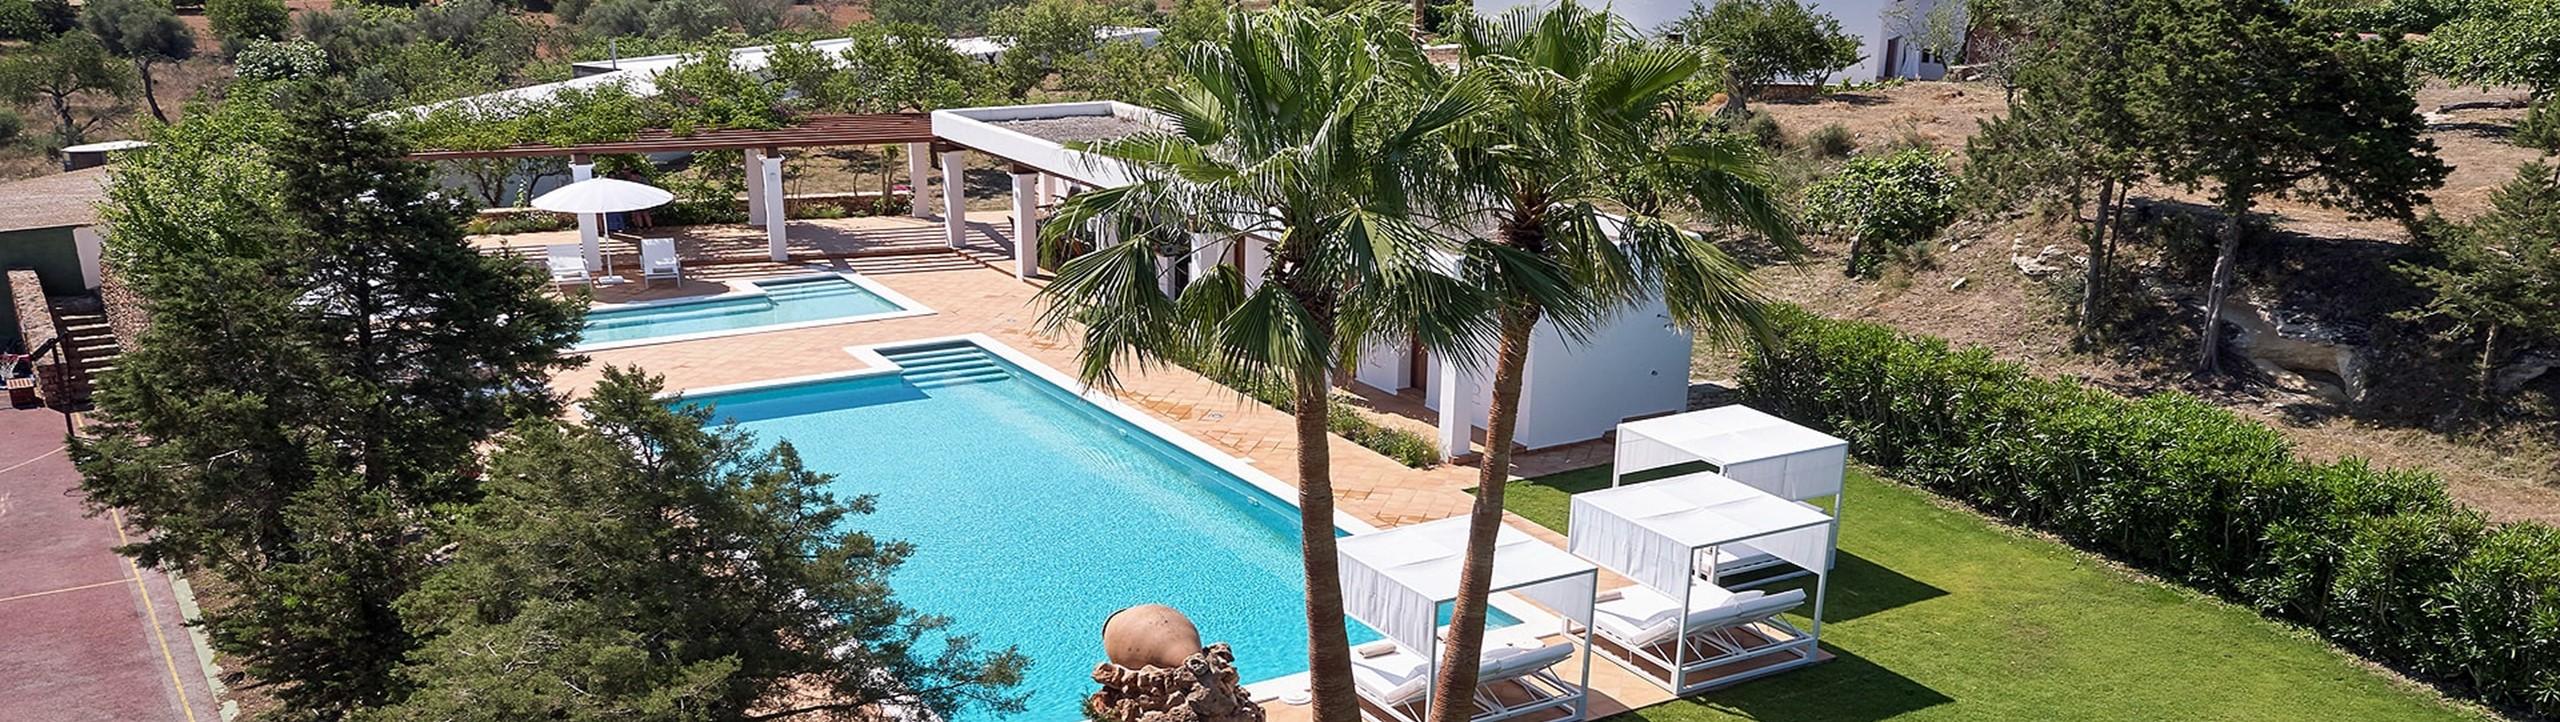 Villa Portigo Ibiza 1